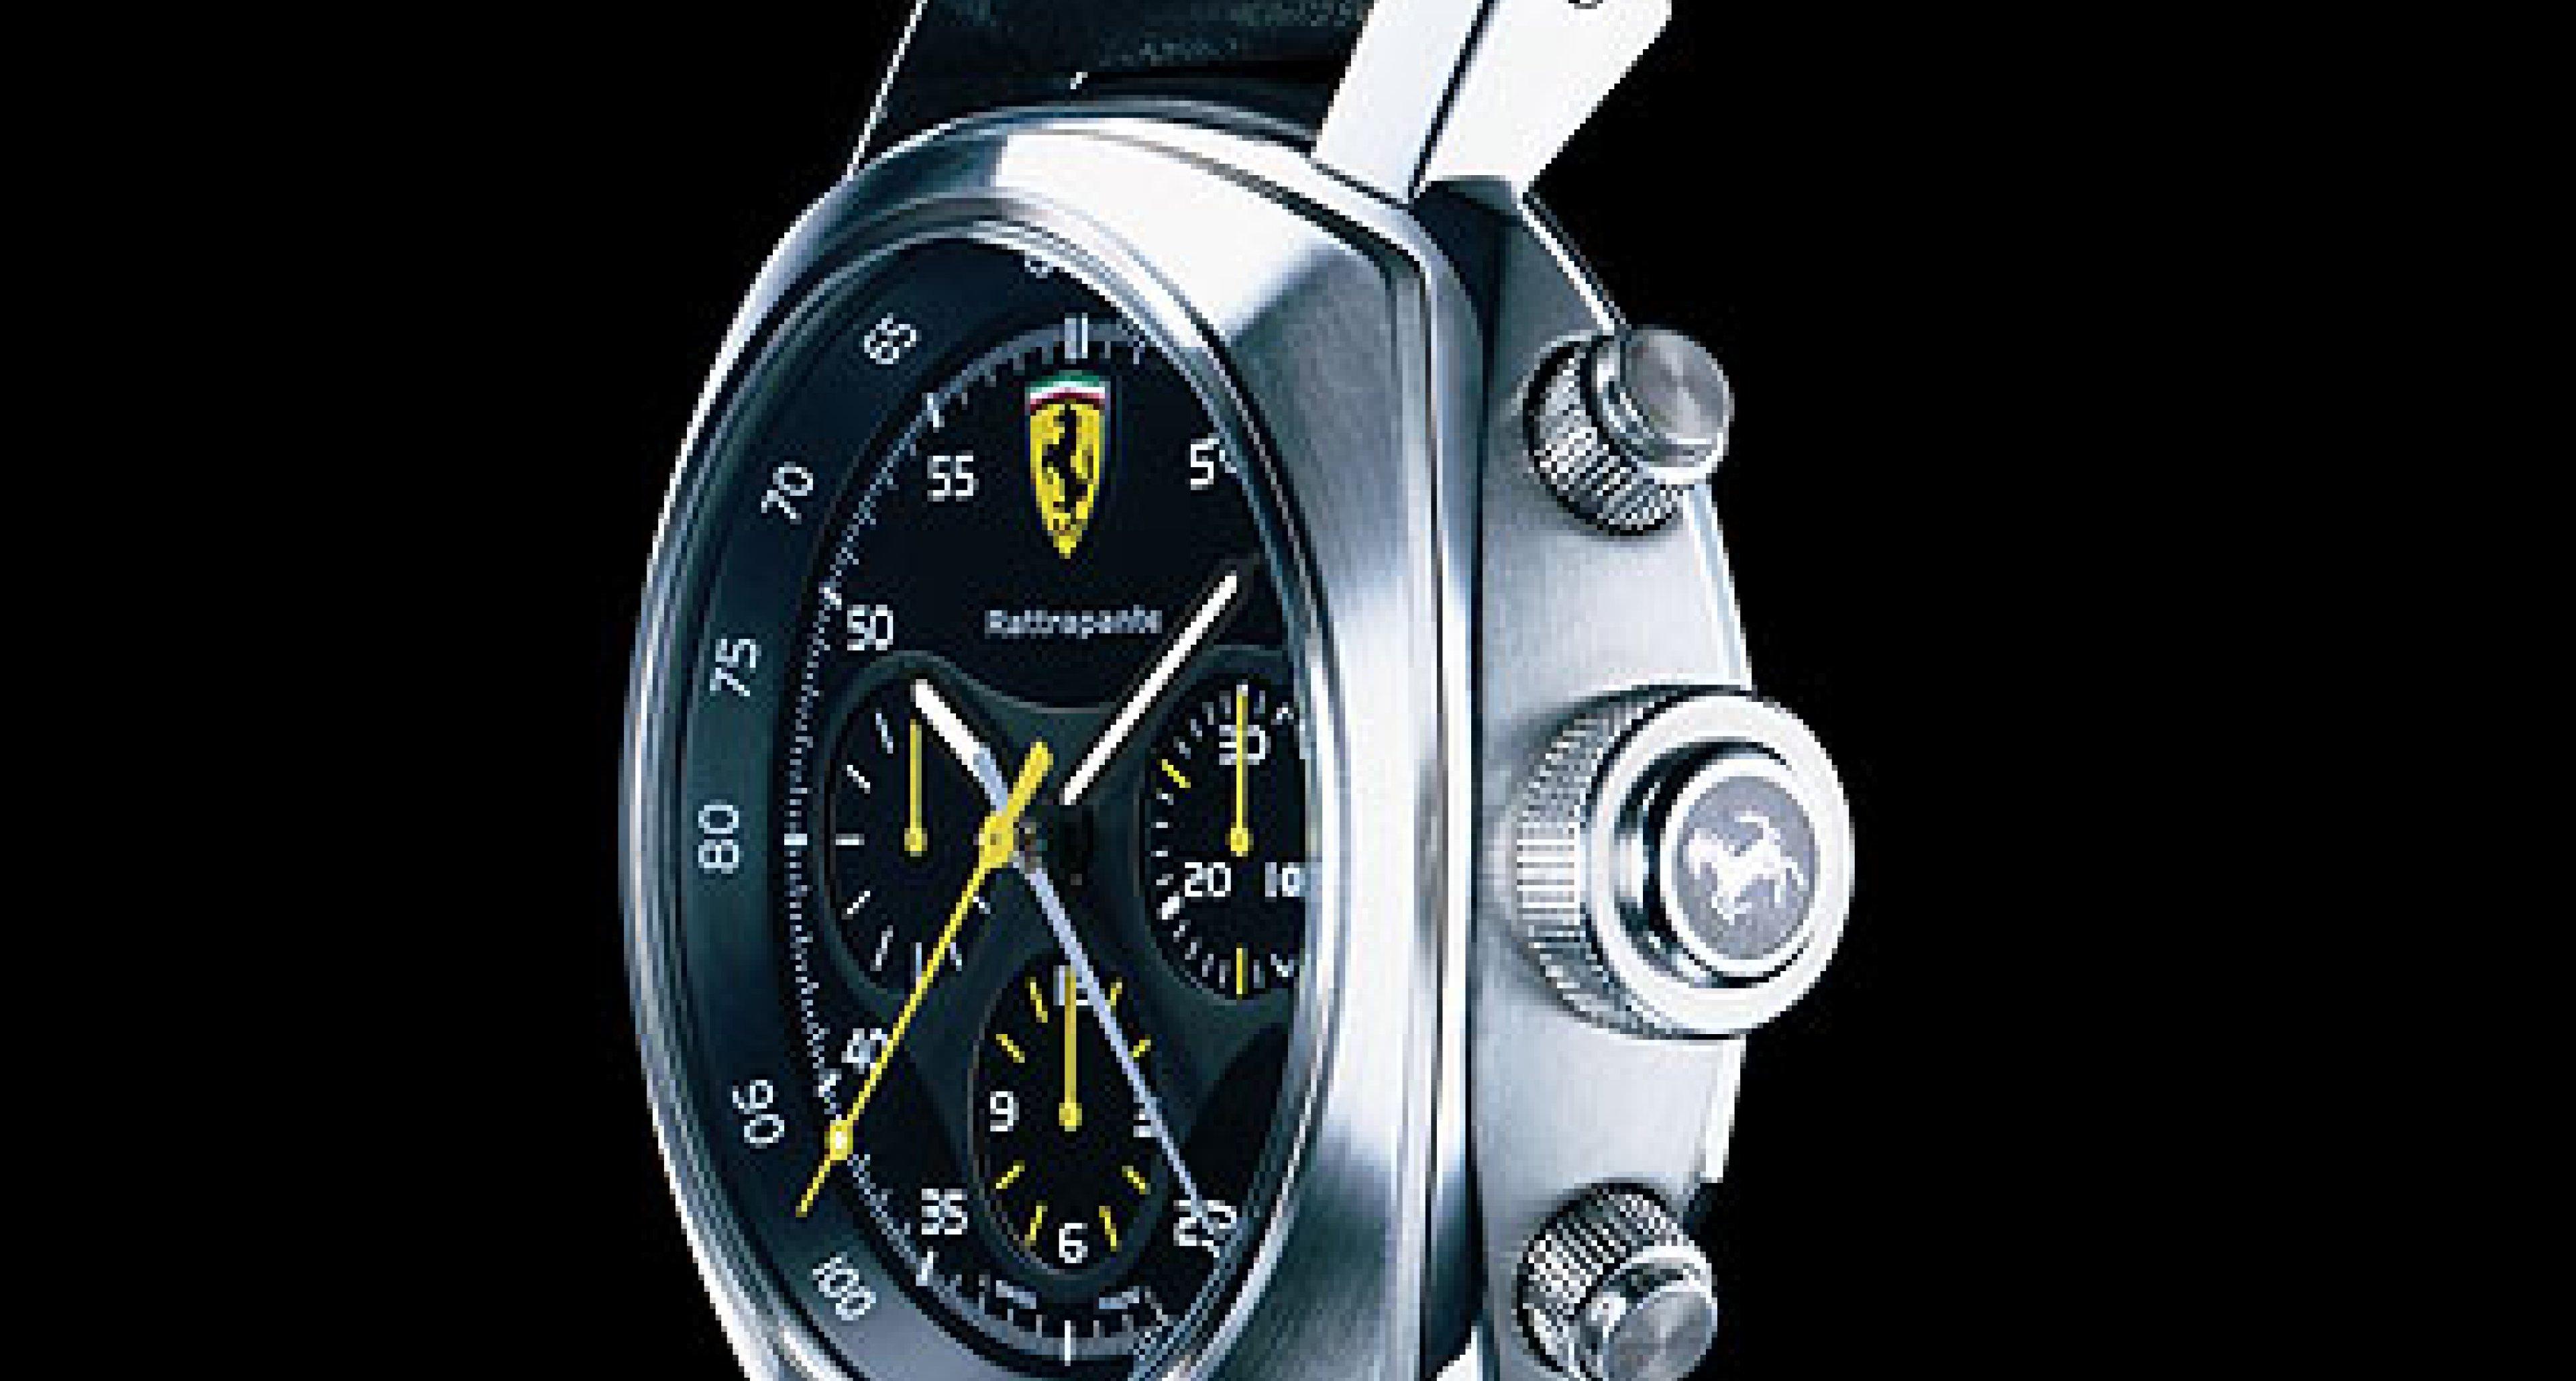 Panerai für Ferrari: Im Zeichen des Cavallino Rampante